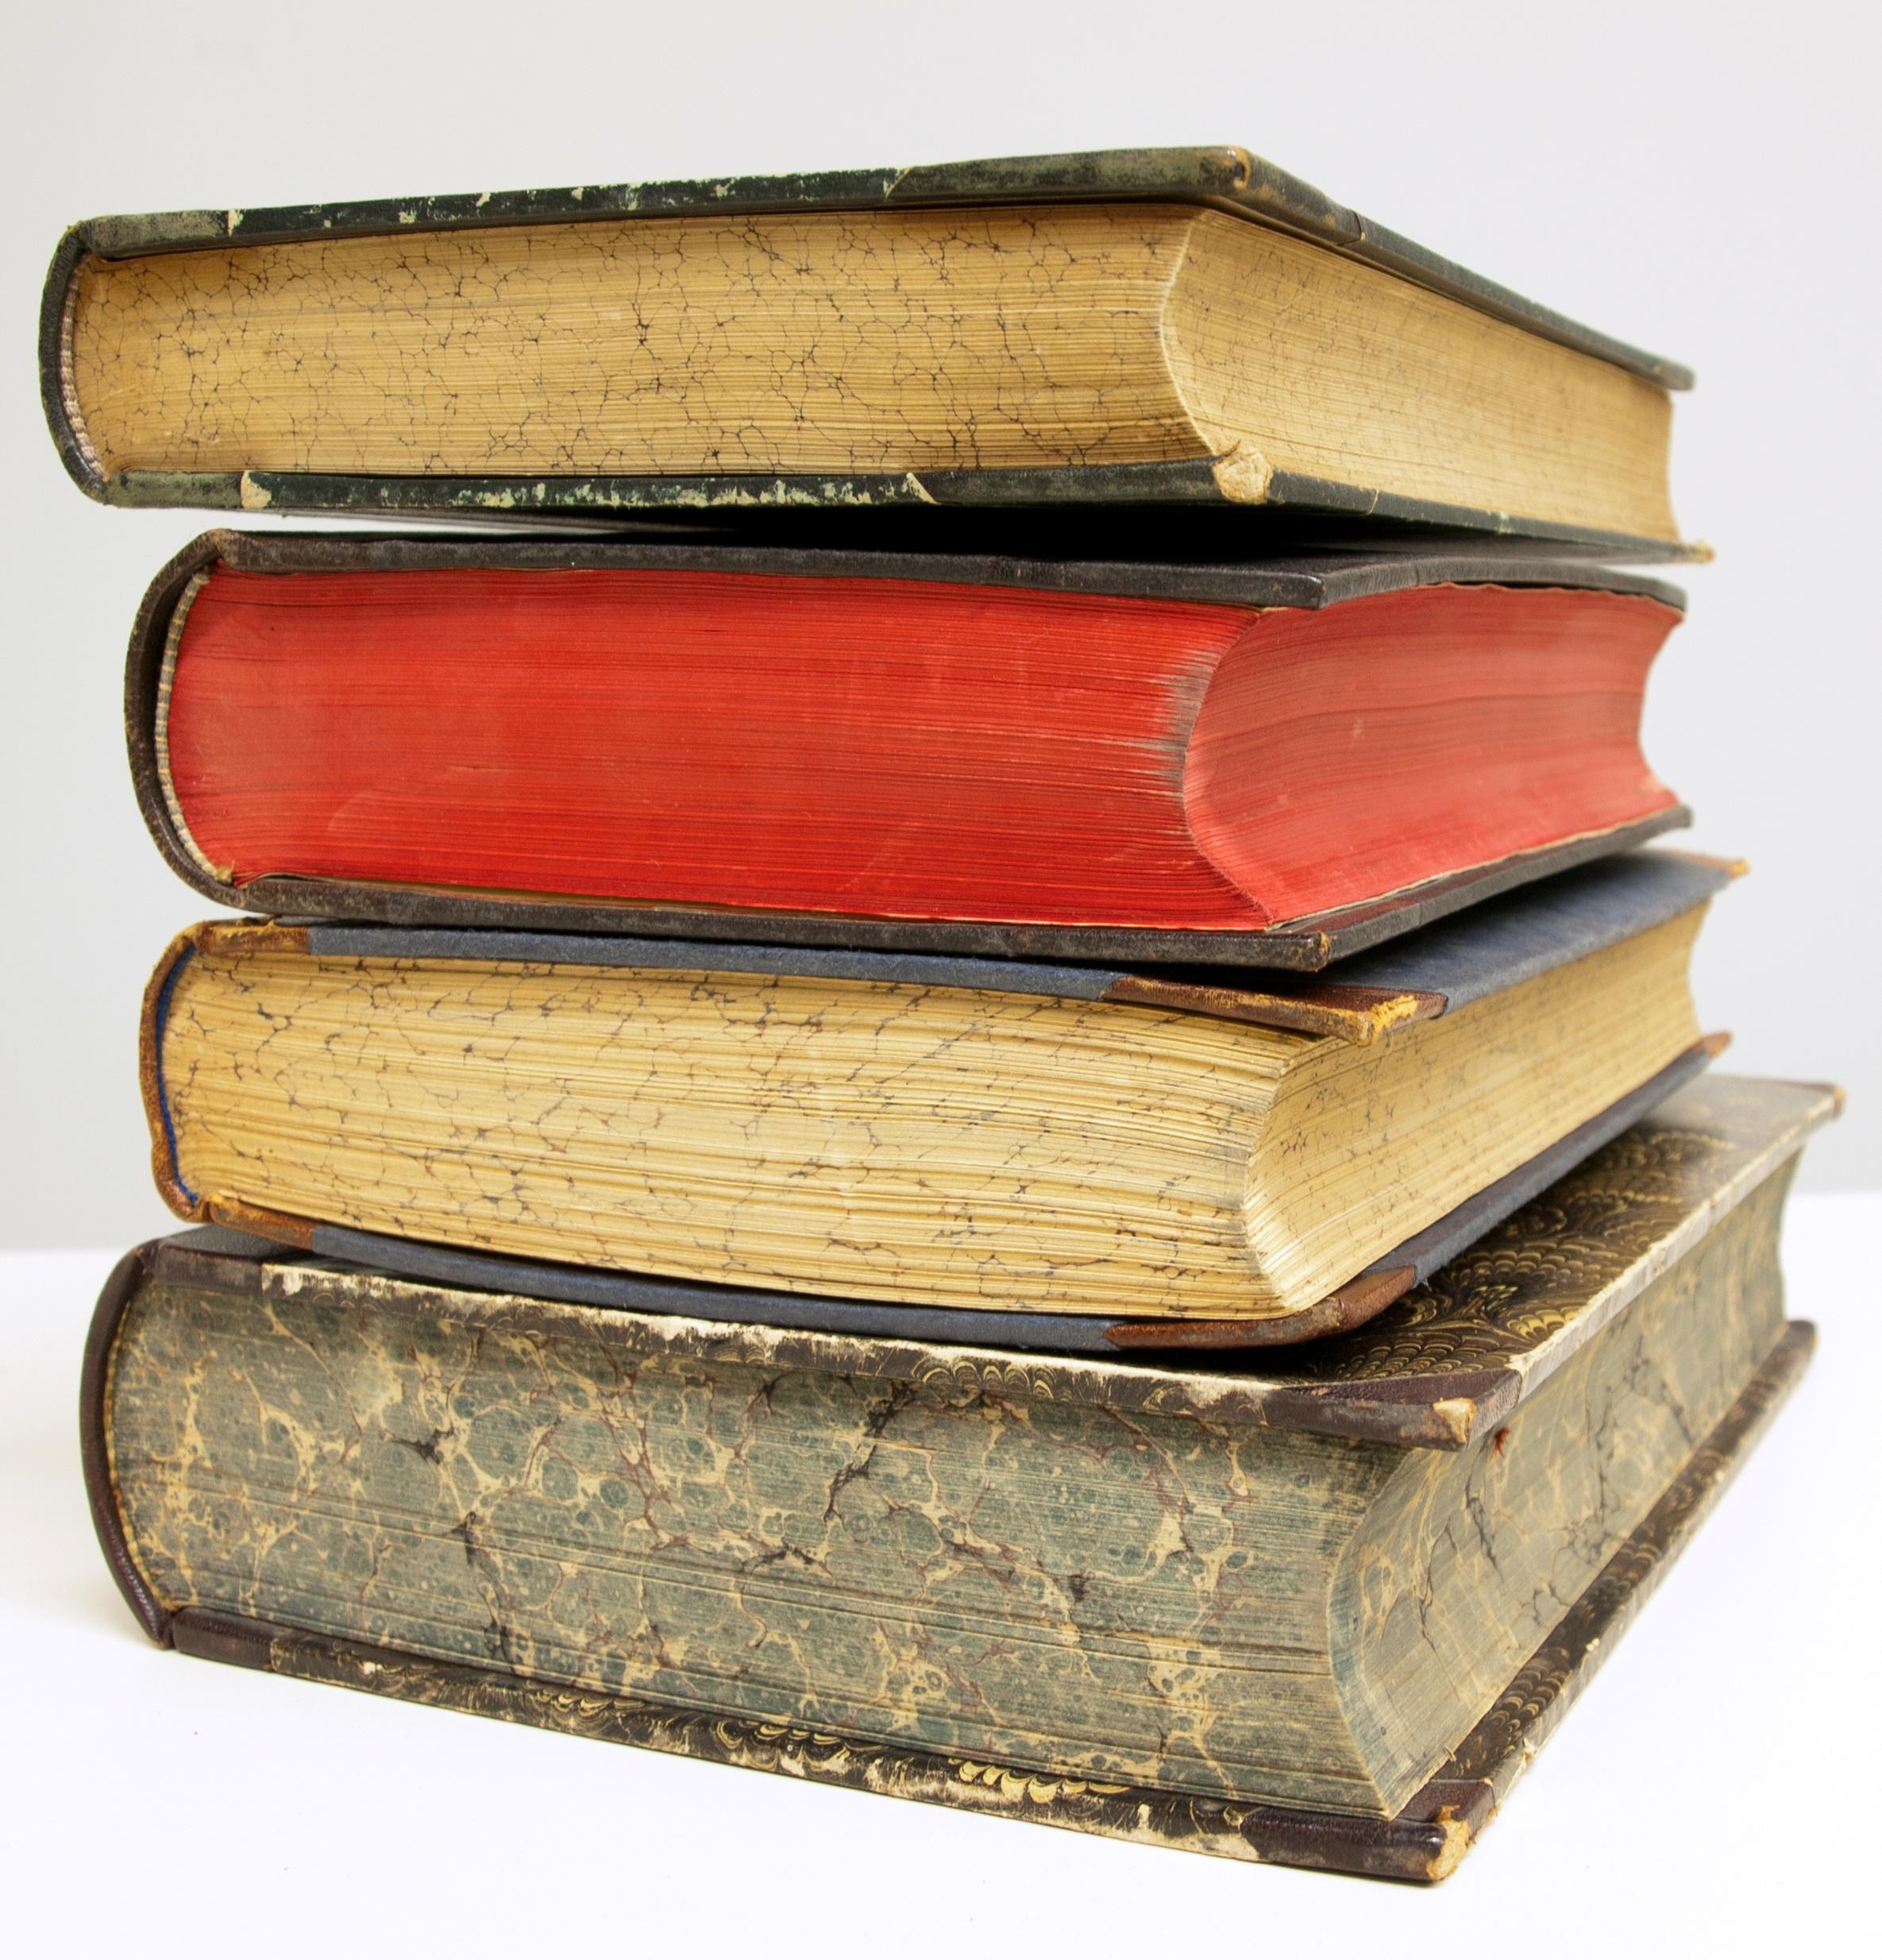 Картинки с изображениями книг достаточно широк